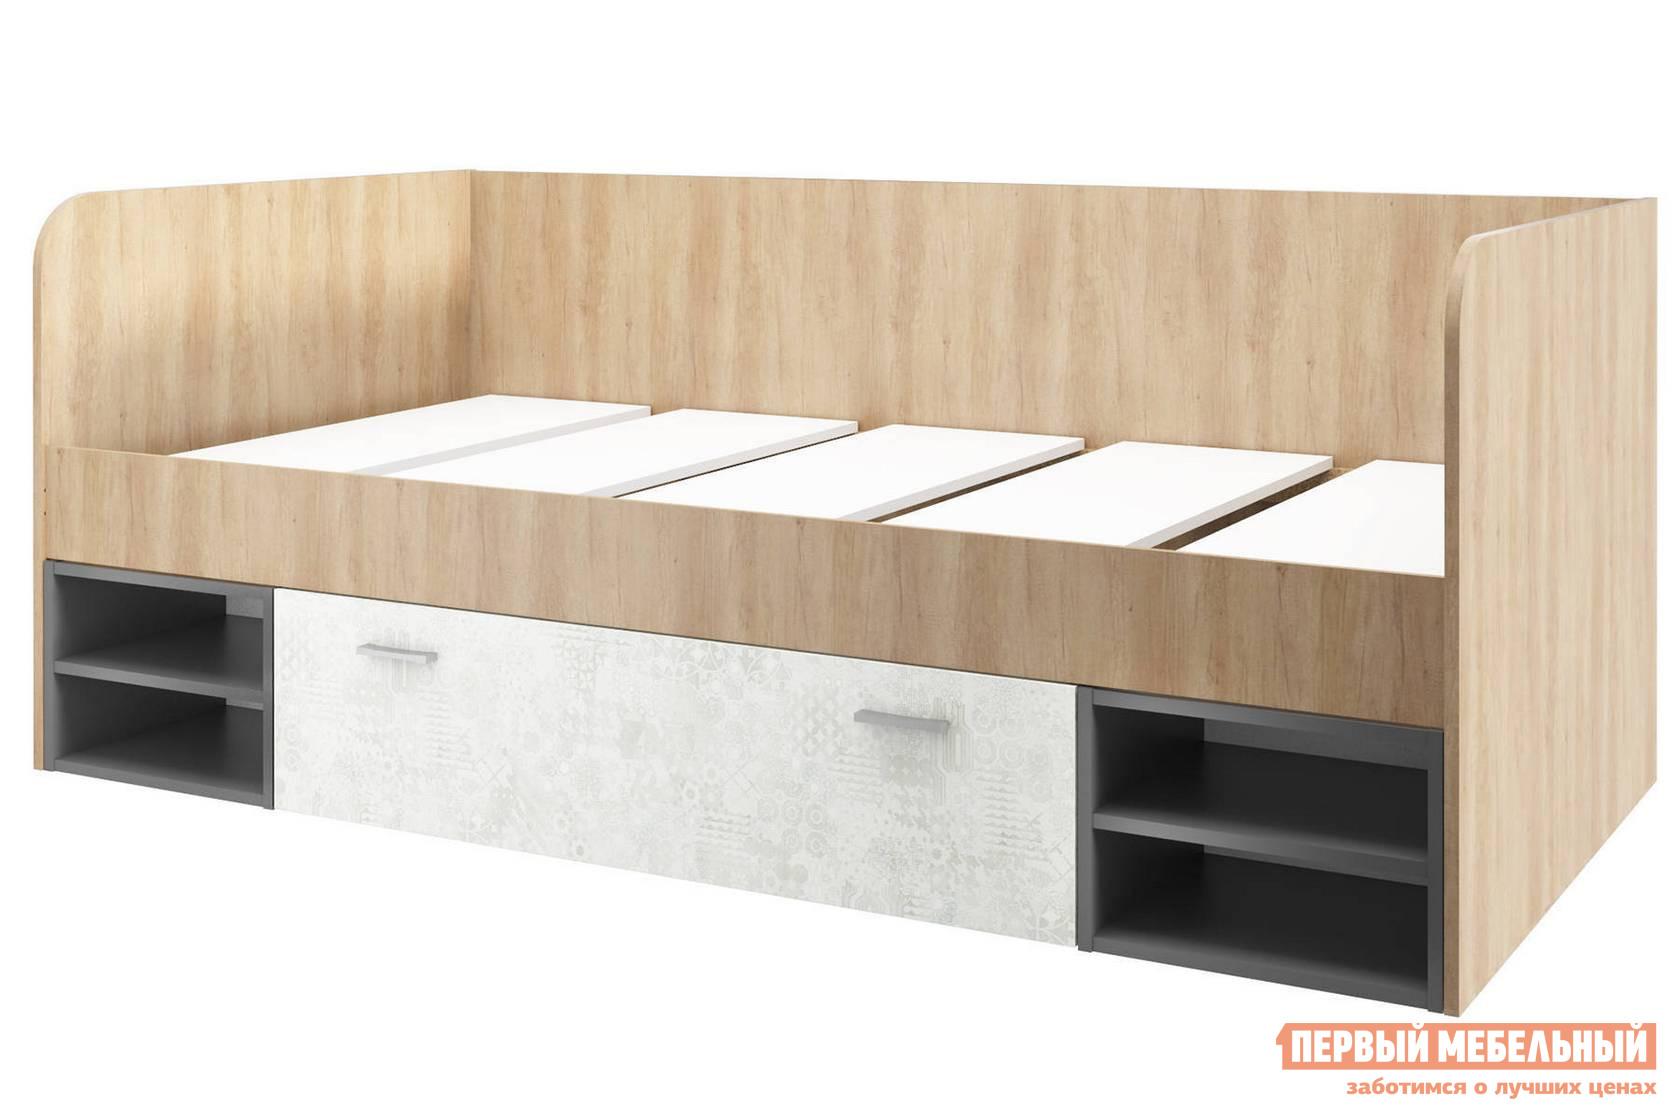 Детская кровать СтолЛайн Арчи СТЛ.301.10 Кровать